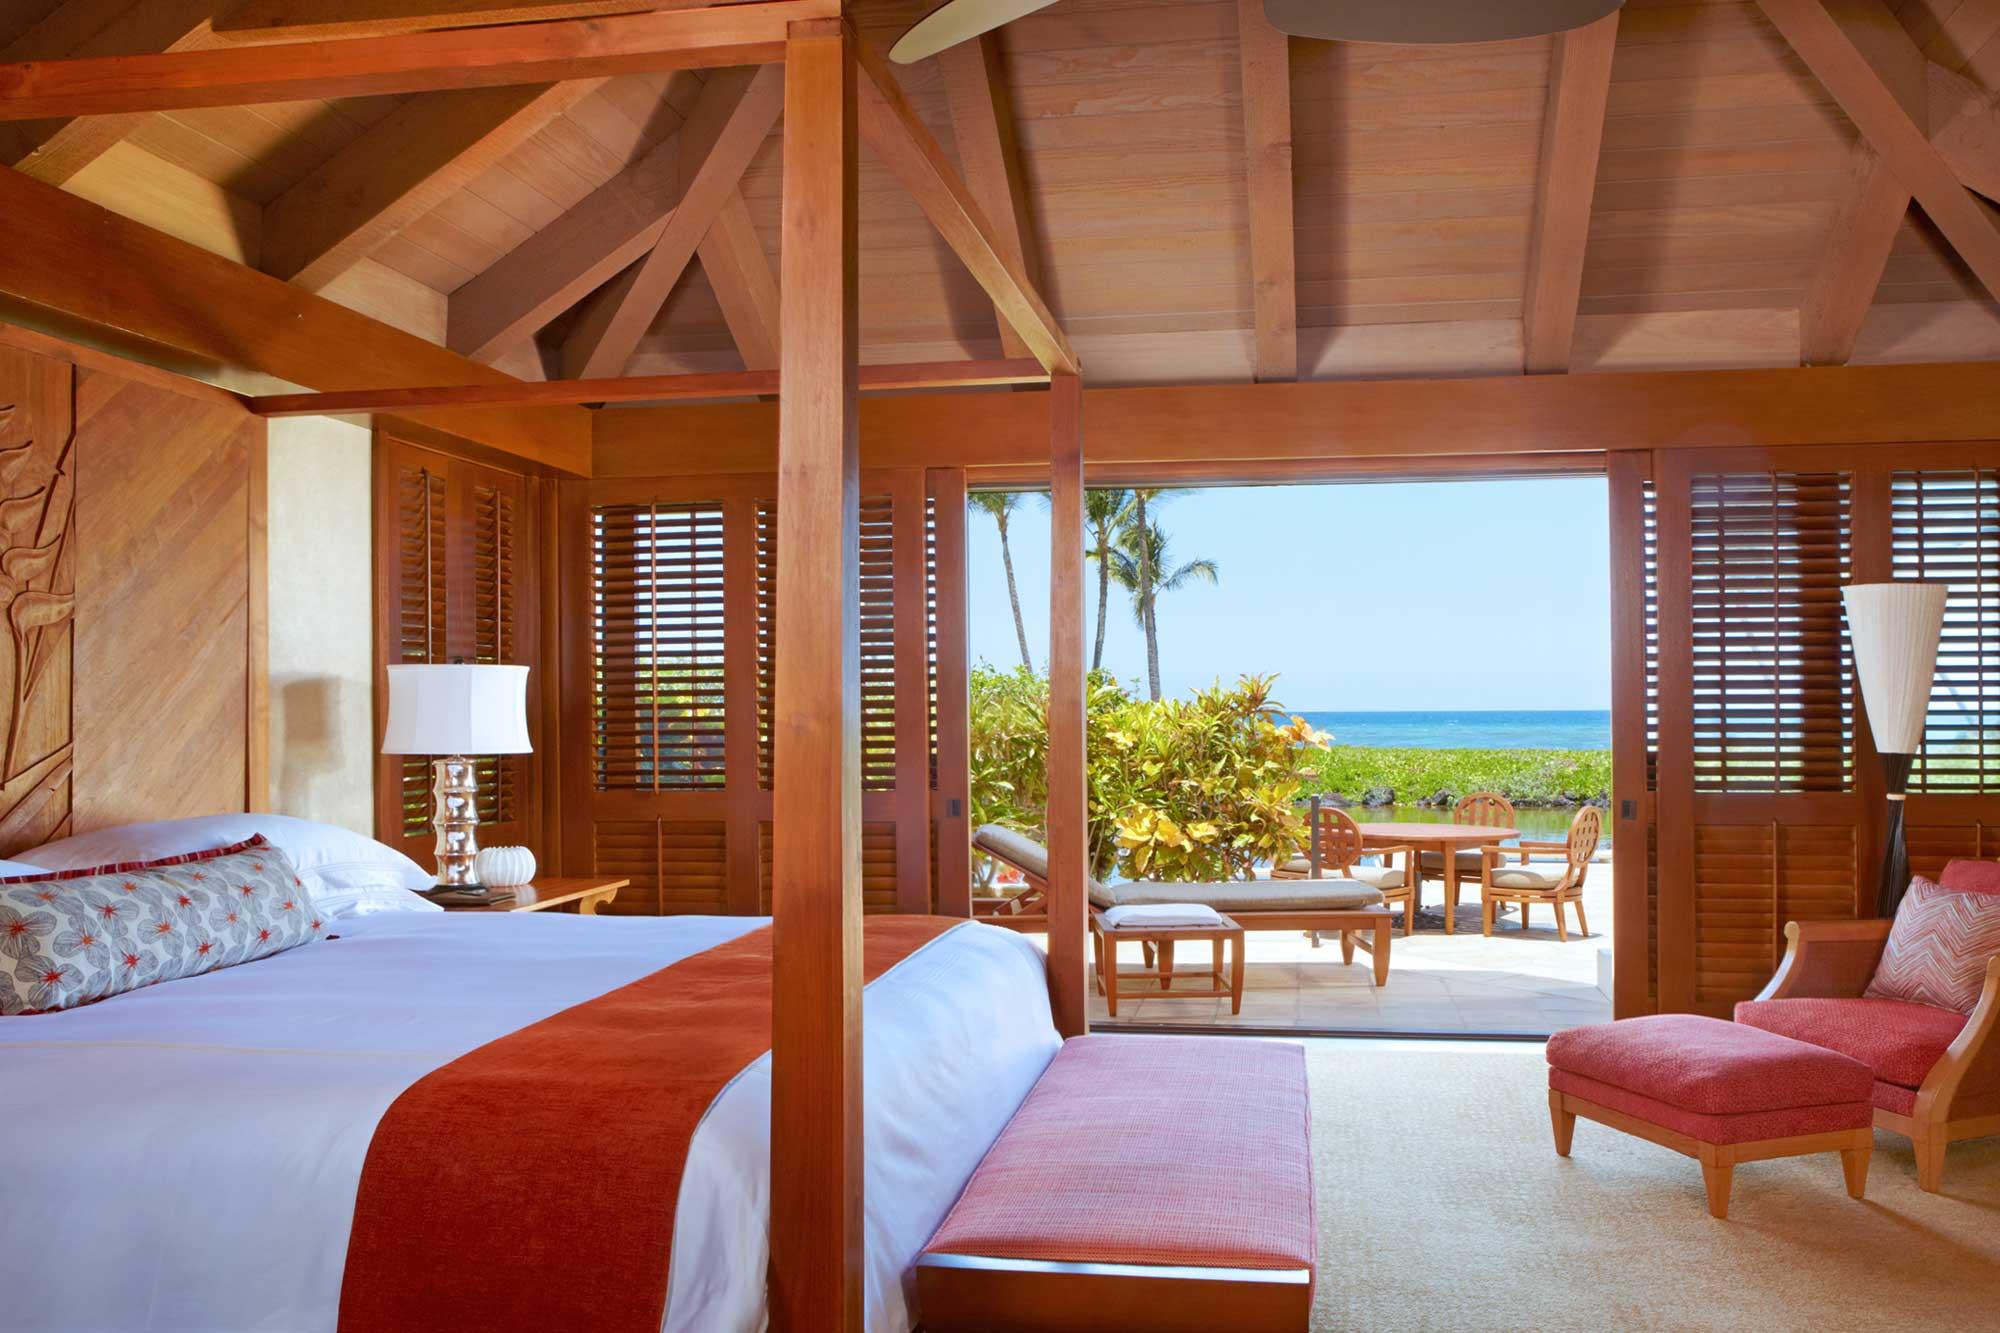 Mauna-Lani-Ocean-Front-Bungalow-Bedroom